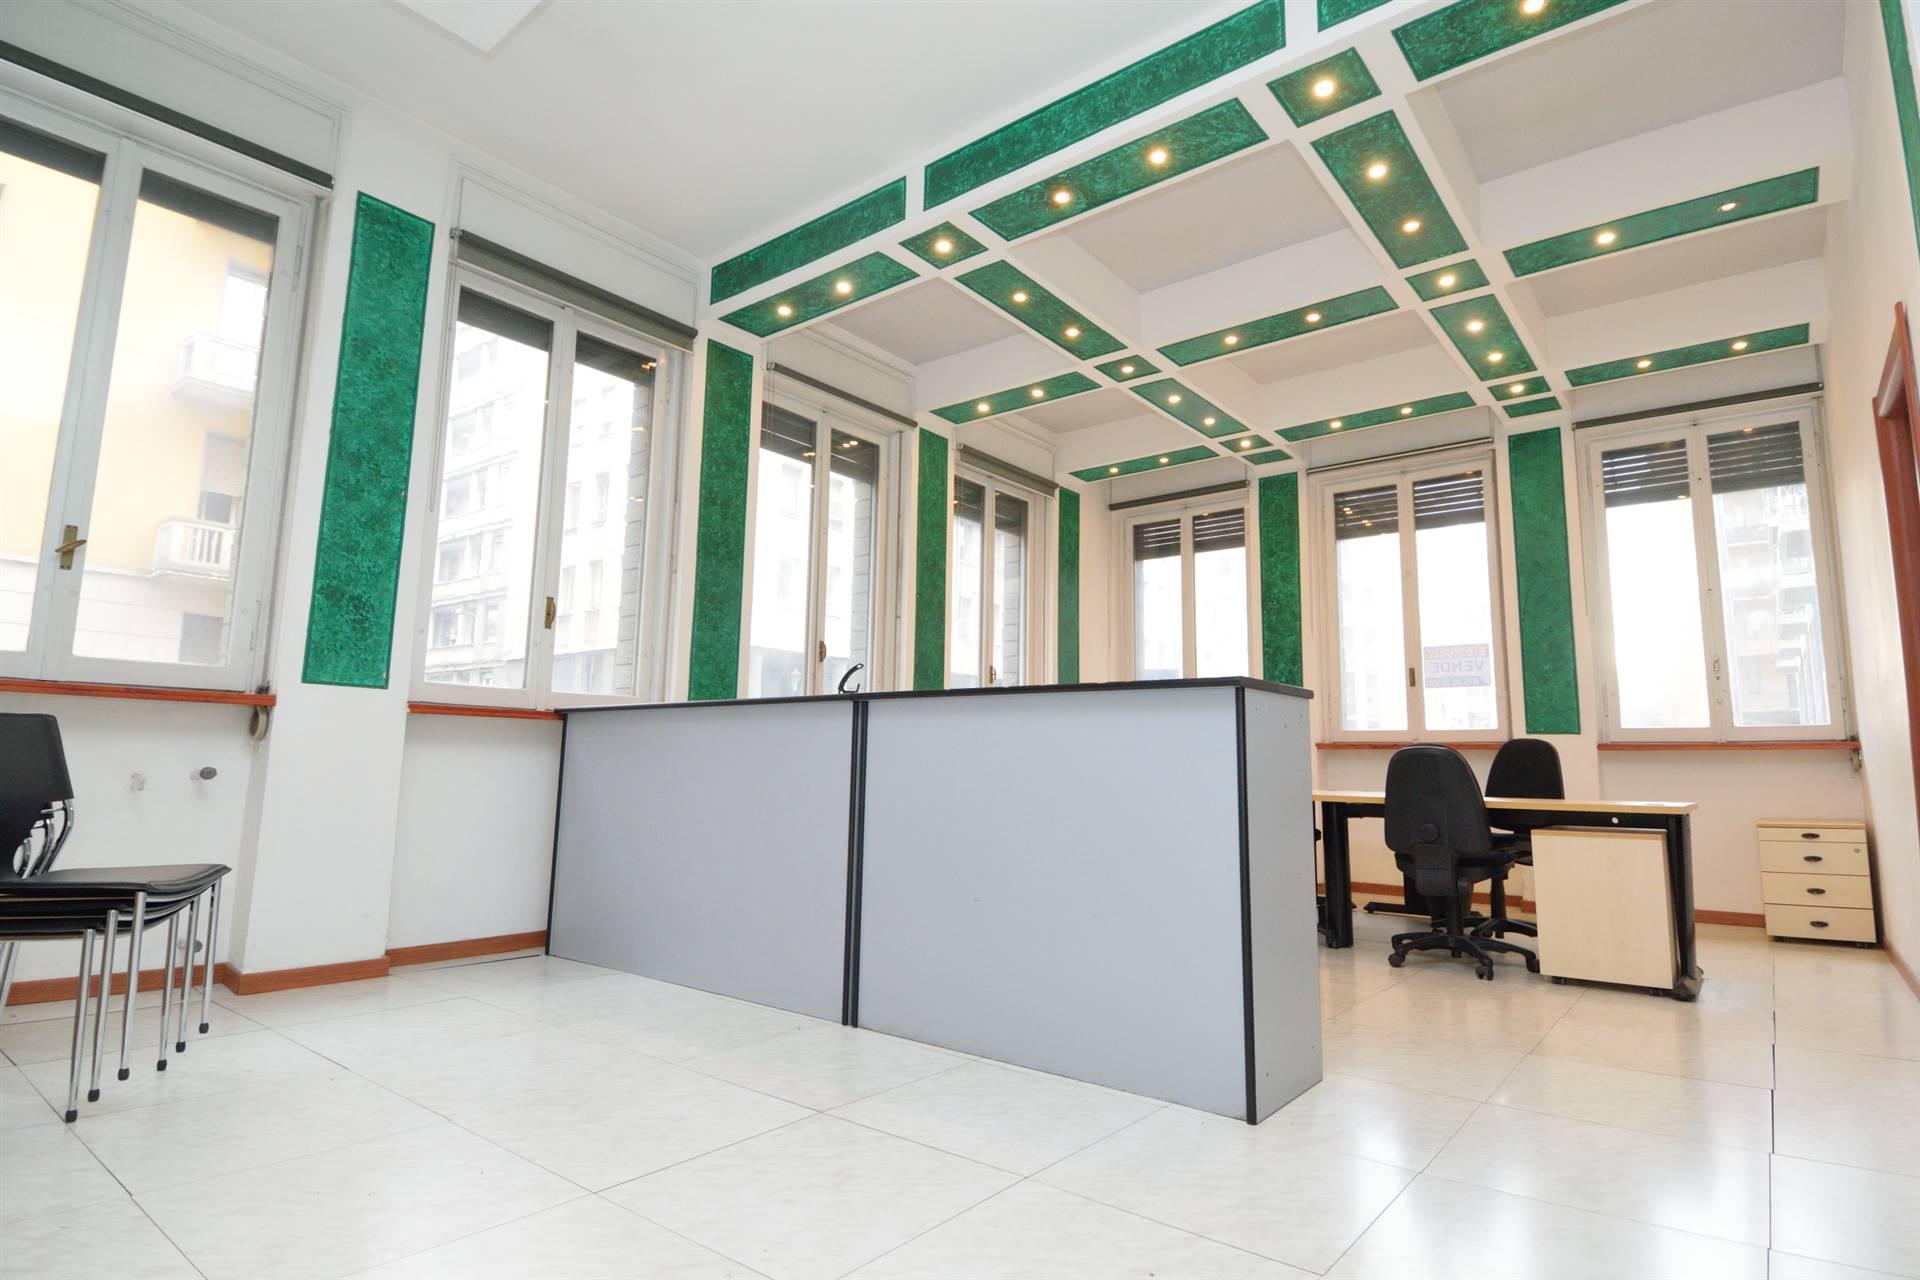 Ufficio / Studio in vendita a Biella, 3 locali, zona Zona: Centro, prezzo € 55.000 | CambioCasa.it